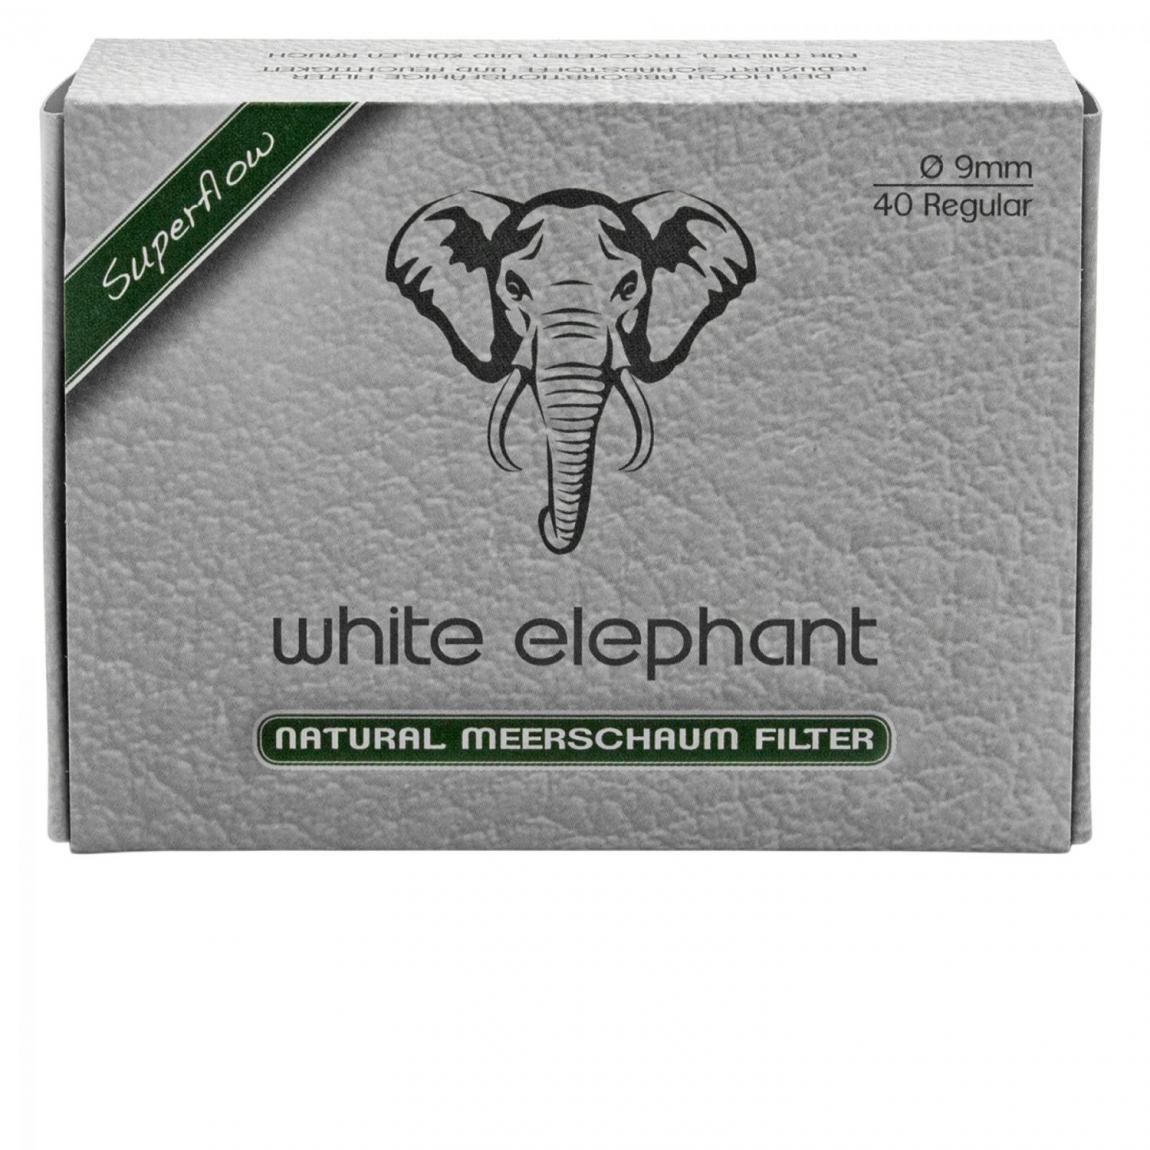 white elephant Natur-Meerschaum-Filter 9mm, 1x40 Stück